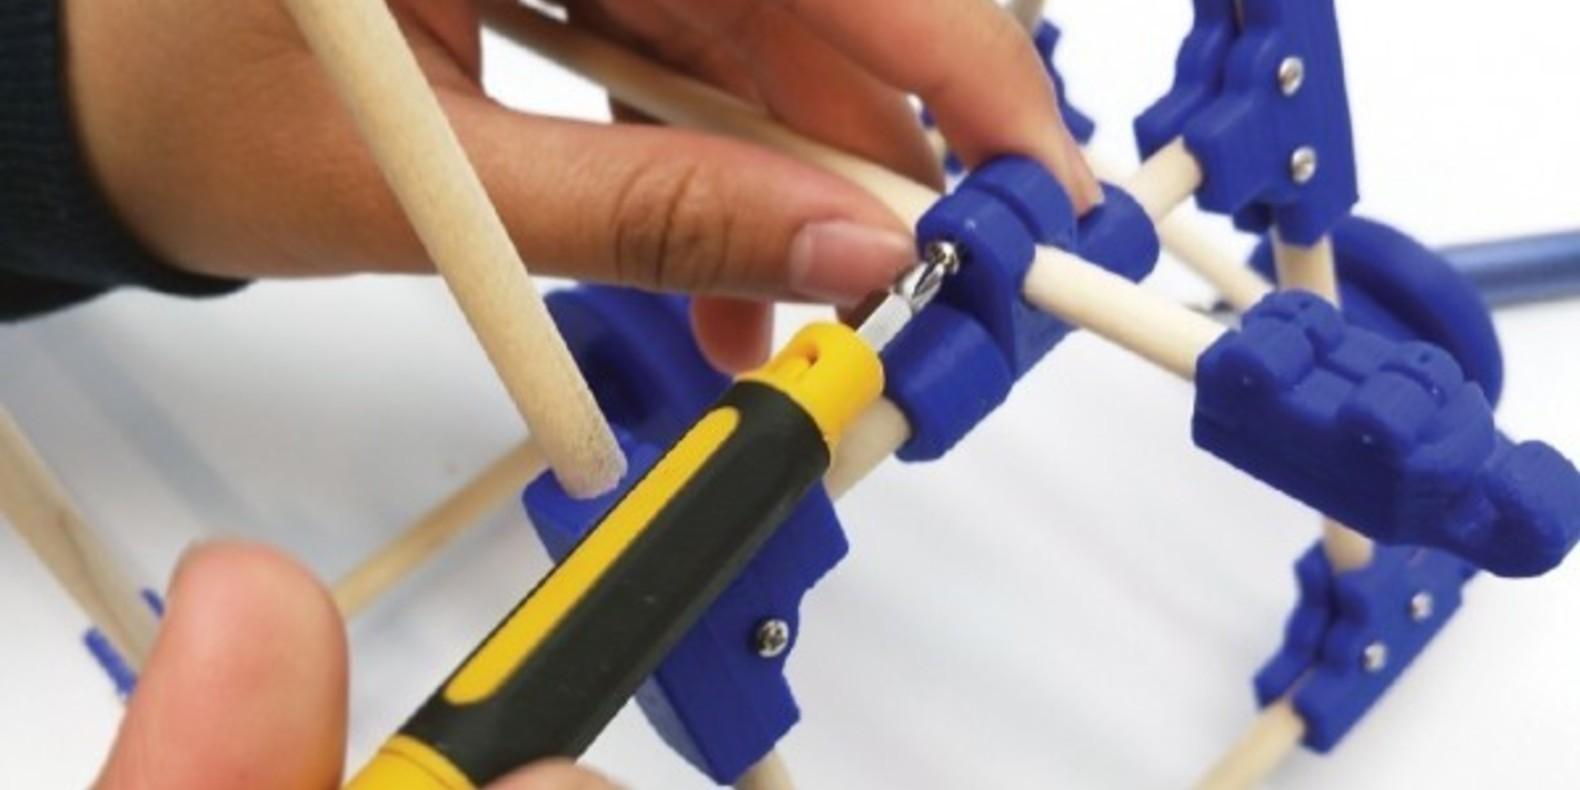 mypie catapulte fichier 3D cults impression 3D maker 3